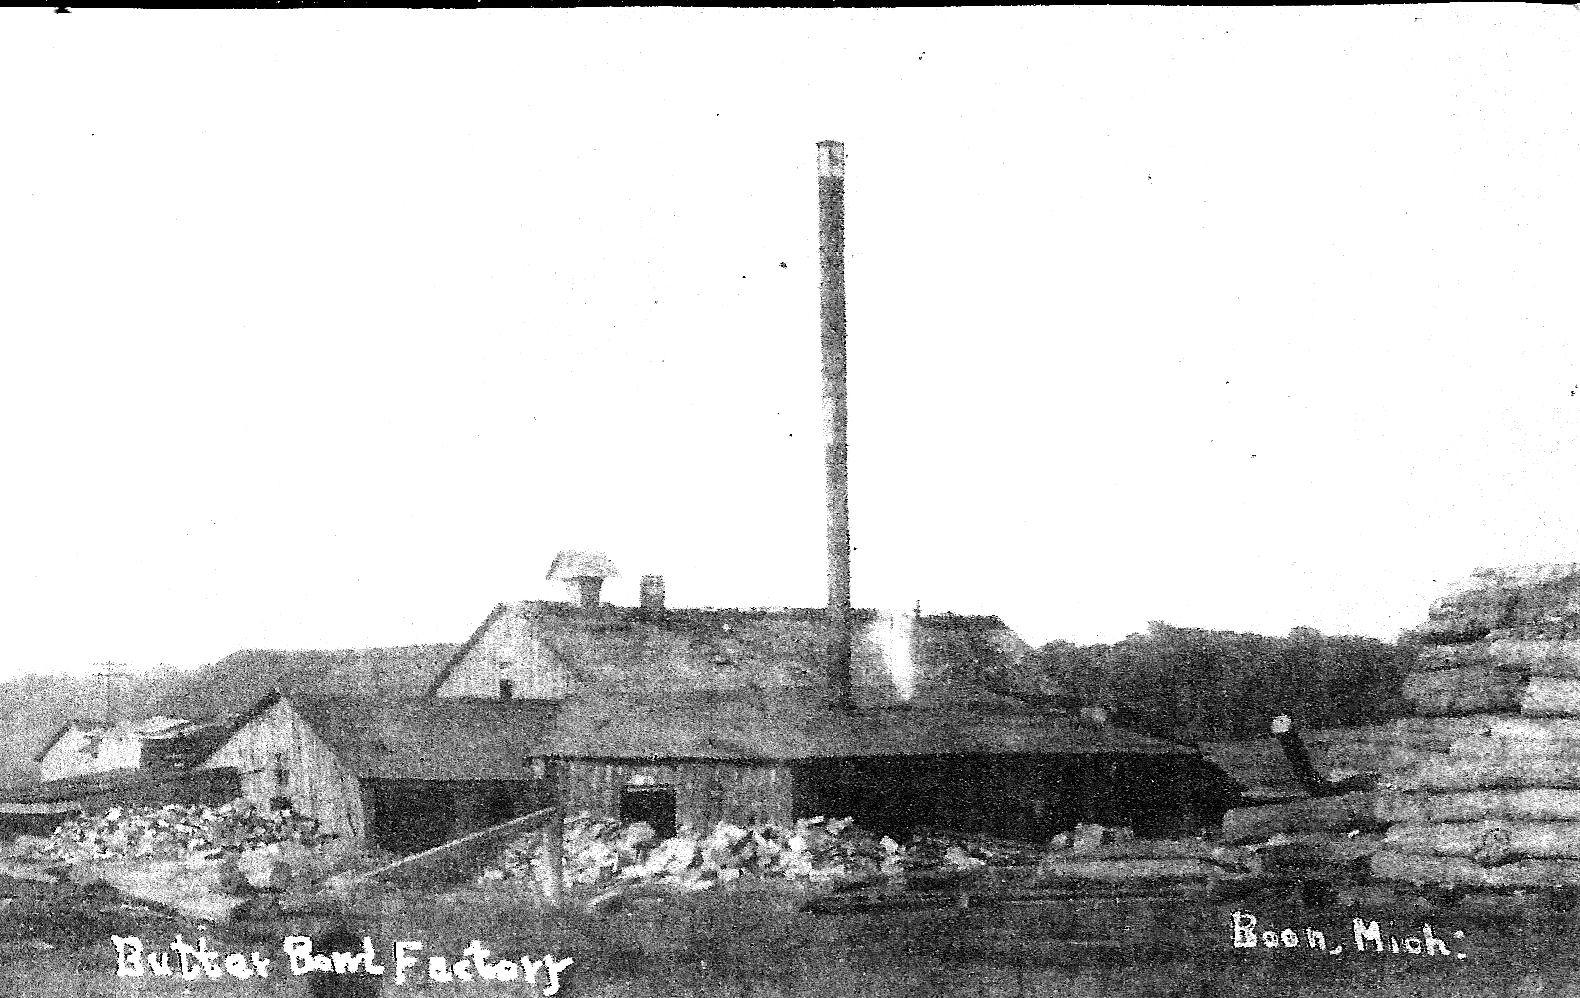 Boon Butter Bowl Factory